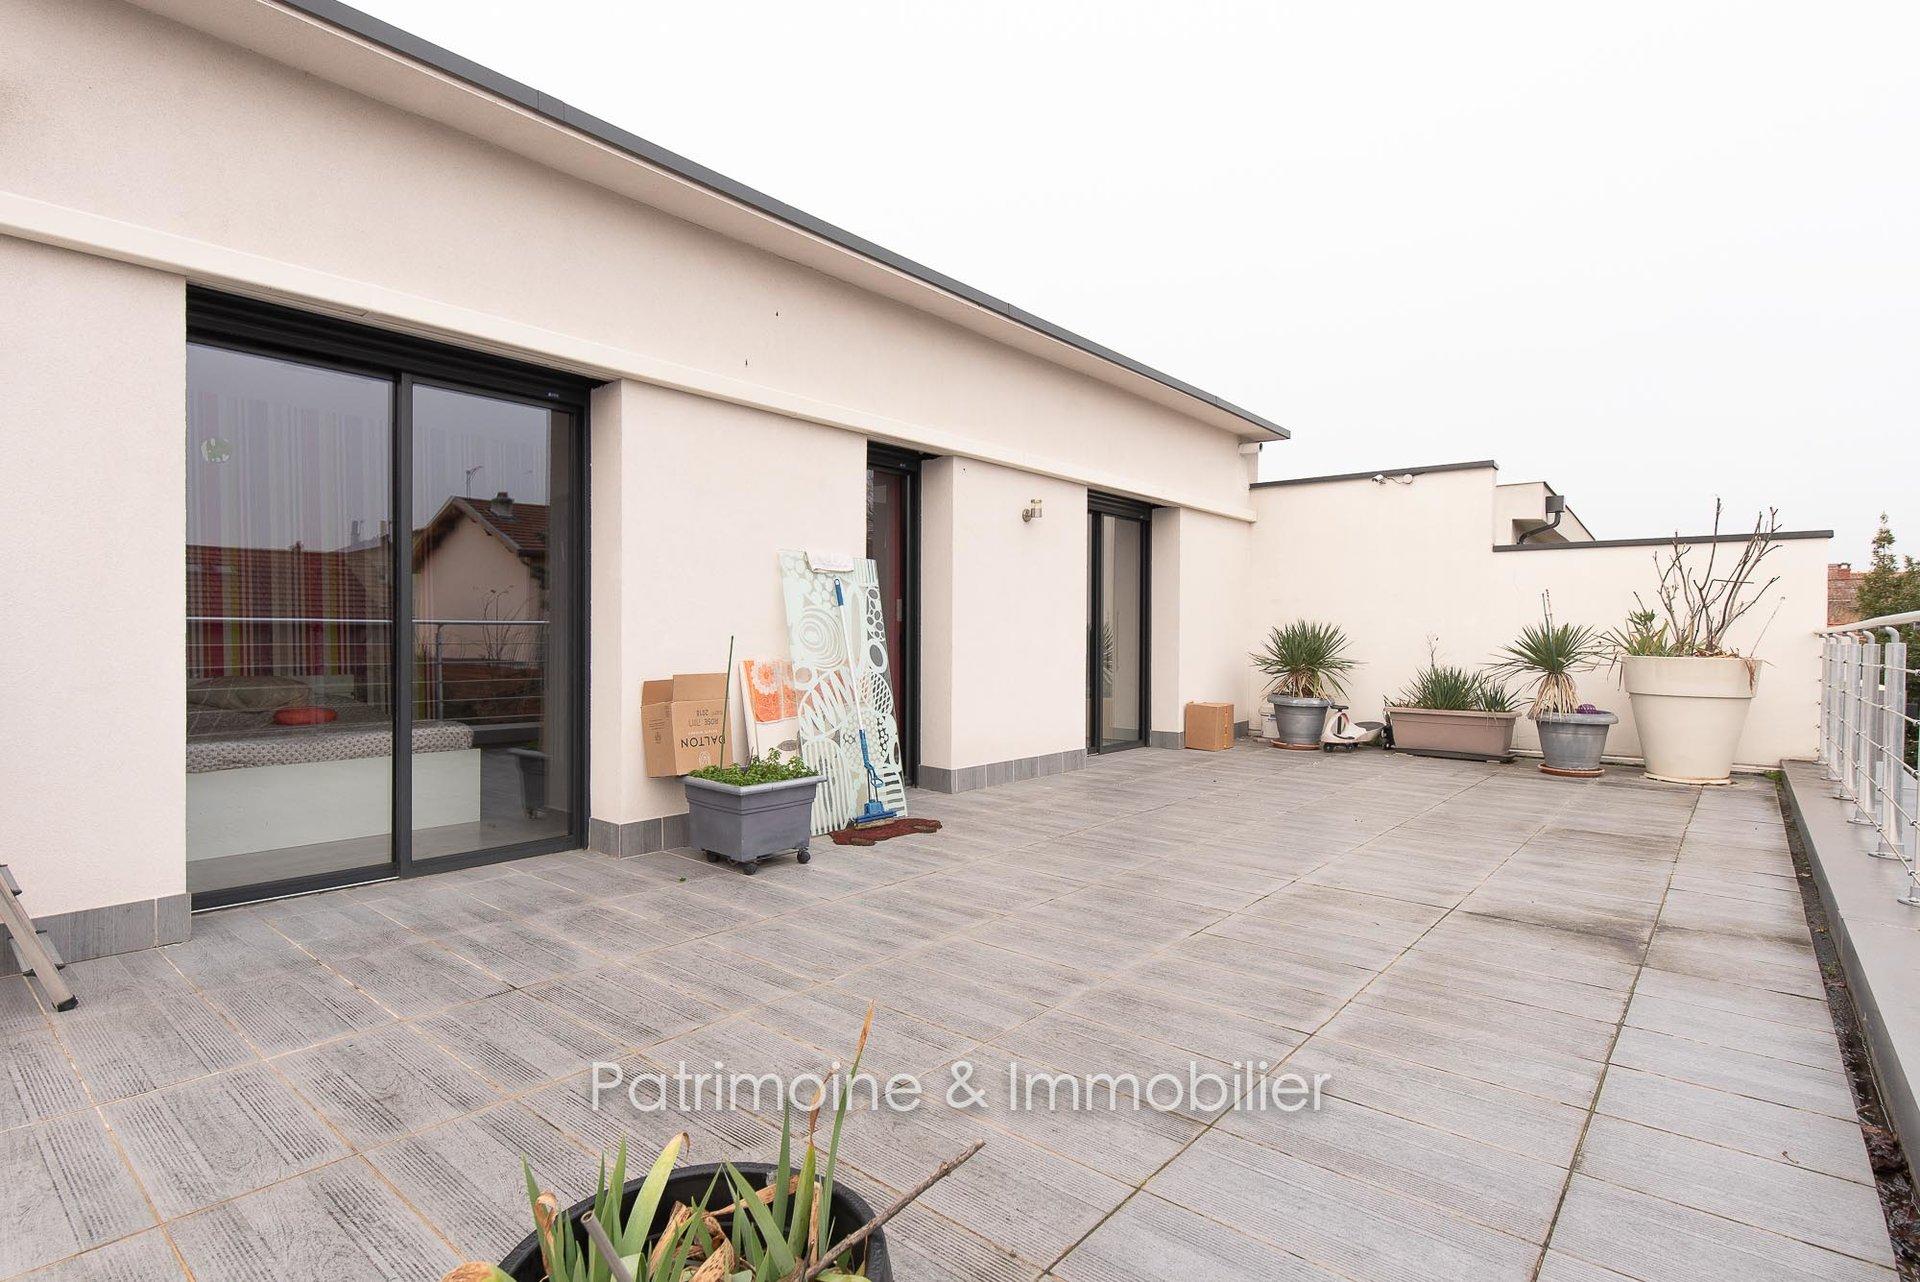 Villeurbanne Gratte-Ciel - Maison contemporaine avec terrasses